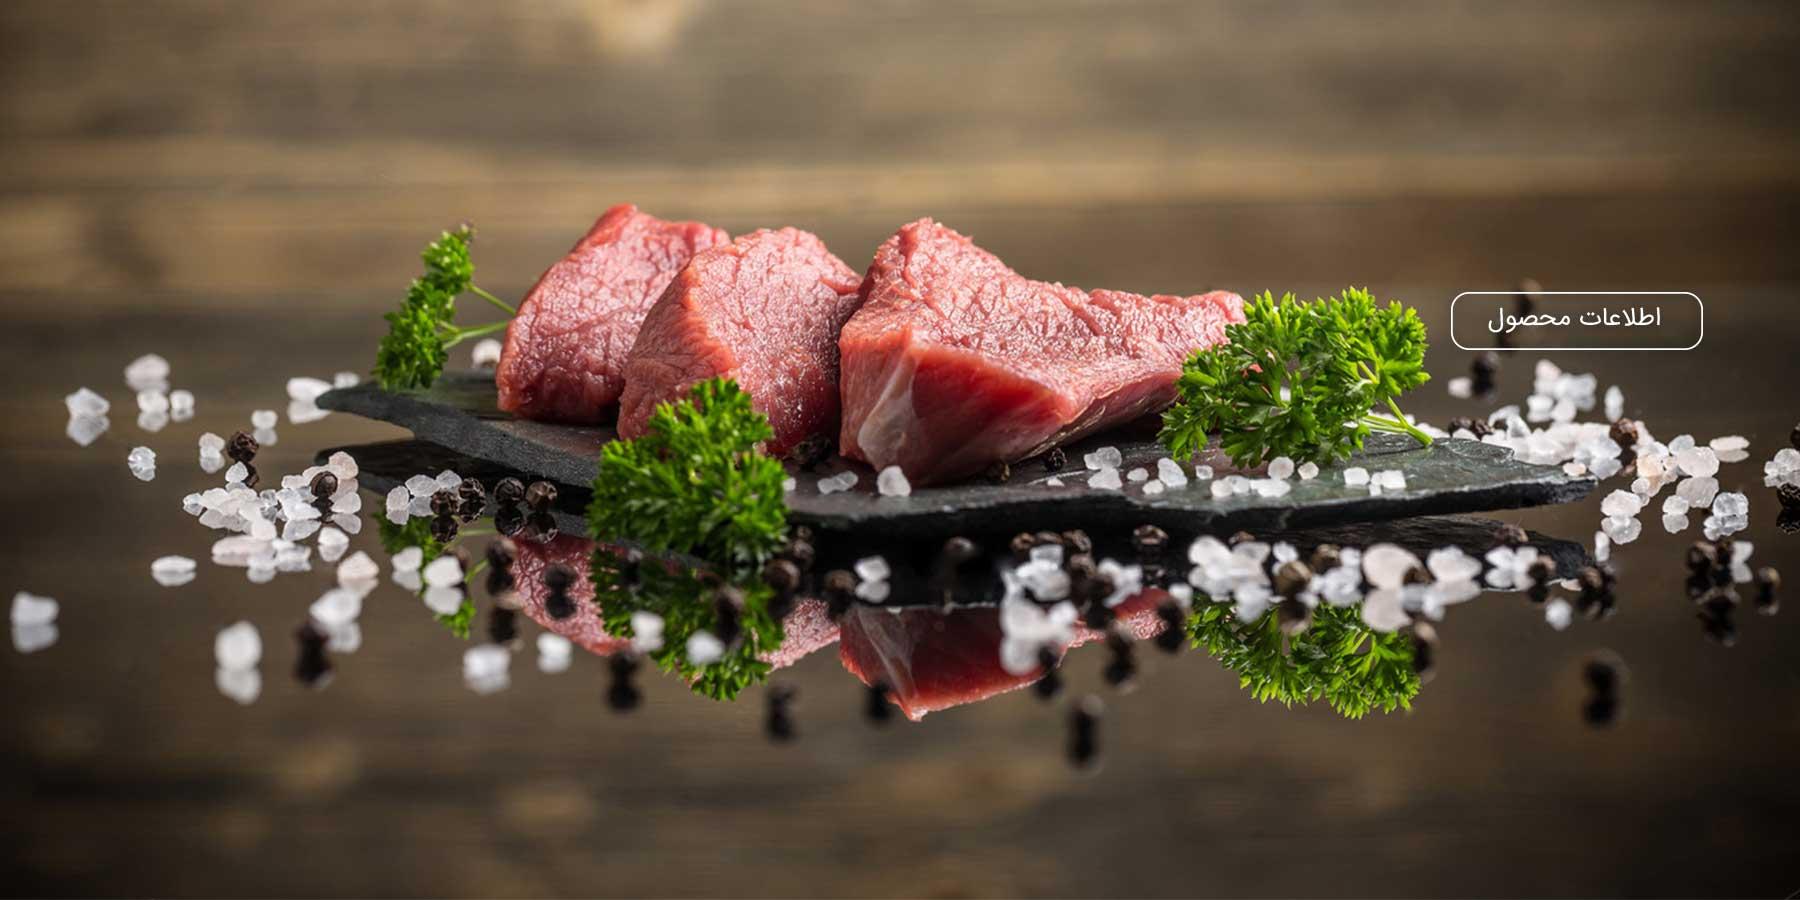 گوشت تازه مهیا پروتئین